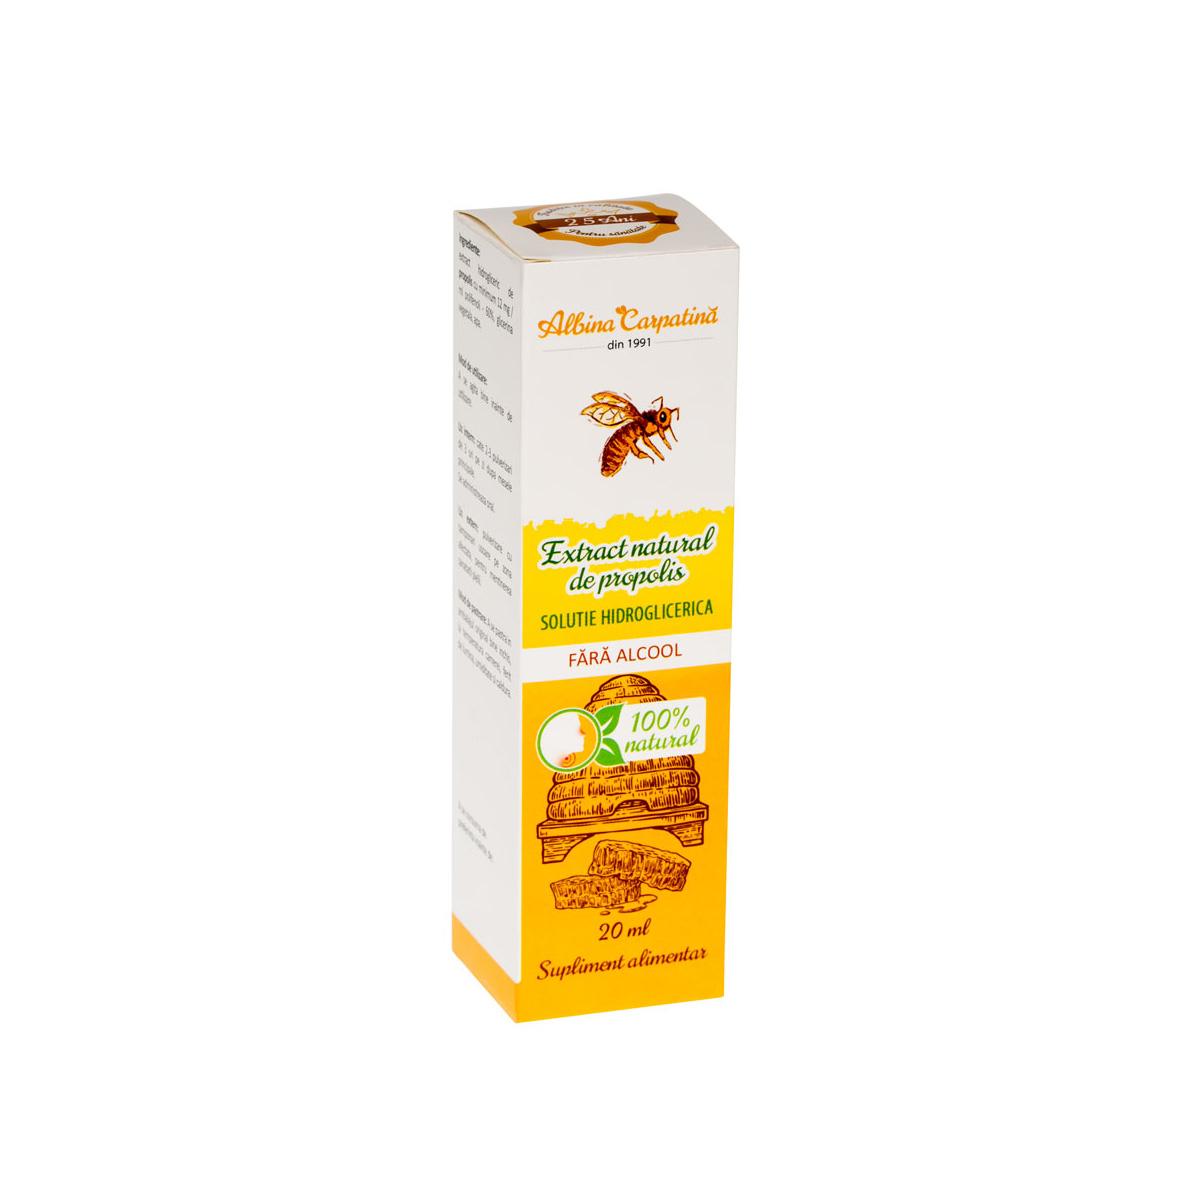 Extract natural de propolis fără alcool Albina Carpatină, 20 ml, Apicola Pastoral